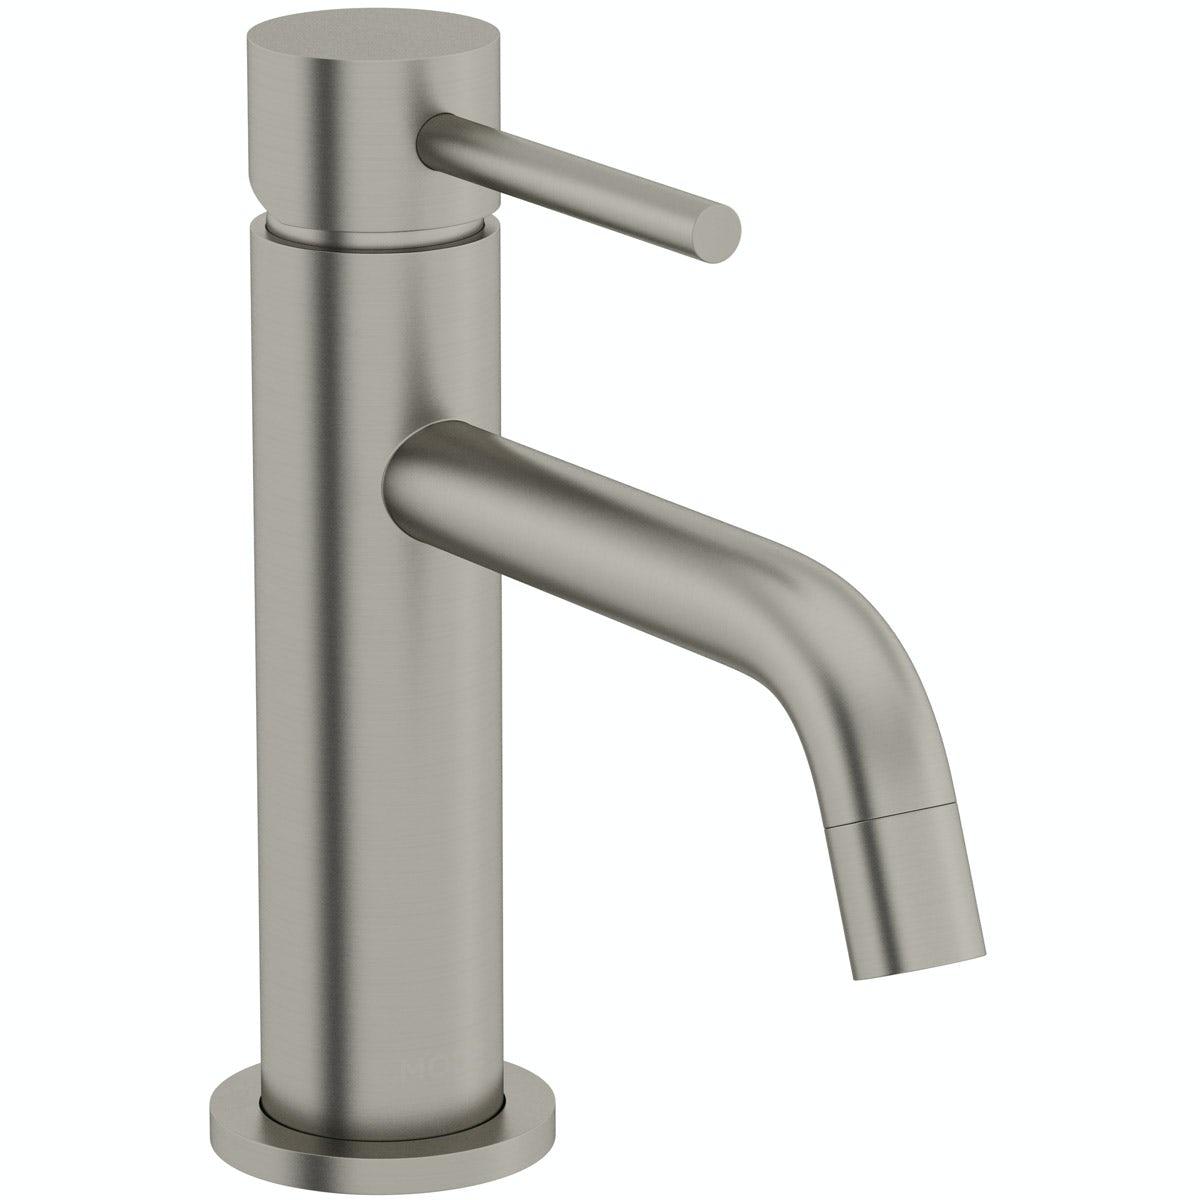 Mode Spencer round brushed nickel basin mixer tap